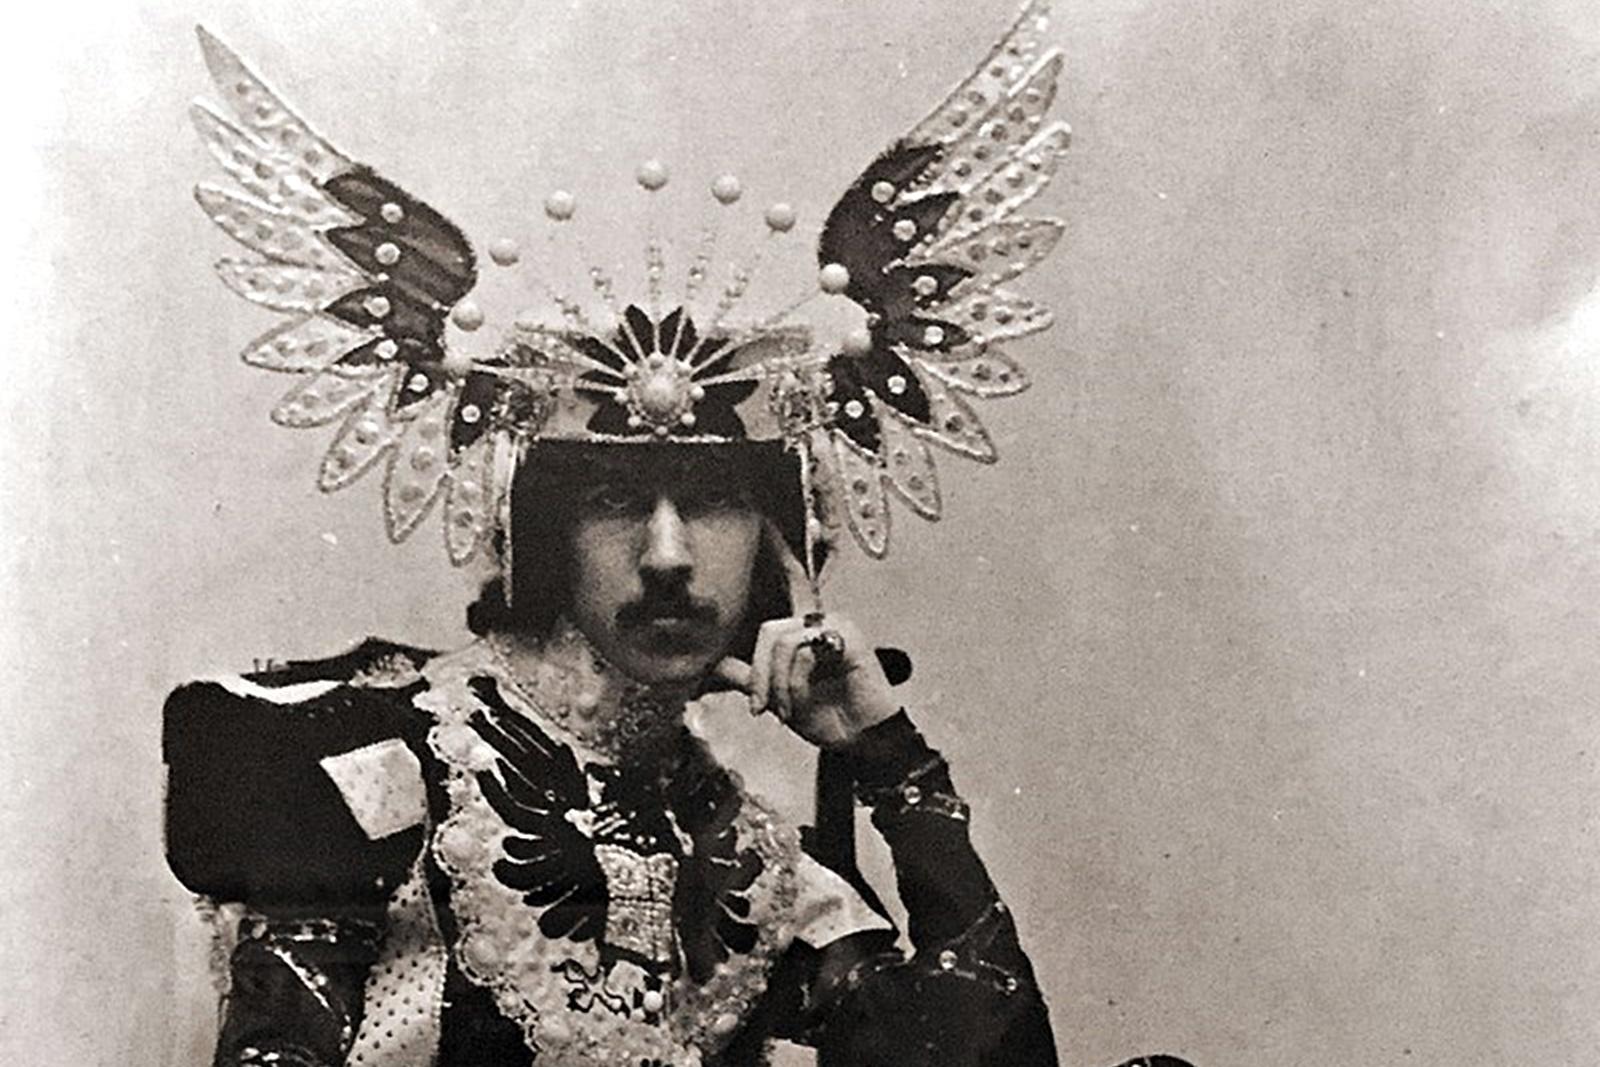 """Хенри Пагет – кичозният маркиз на Англис<br /> Хенри Кирил Пагет води един нескромен, но кратък живот от 1875 до 1905 г. Въпреки че умира едва 30-годишен Пагет успява да остави своята следа в историята. Освен над 120 000 декара земя, Пагет наследява от семейството си и годишна заплата от 14 млн. днешни щатски долара. Без задължения и с богатствата на принц, Хенри сбъдва своите най-големи мечти. Странното в неговата история е, че мечтите му просто са малко…странни, за неговото време и за пола му. Той започва да носи дълги роби, обсипани с диаманти и сапфири. Хората около него започват да го описват като """"някакво привидение… високо, елегантно и обсипано с бижута създание""""."""